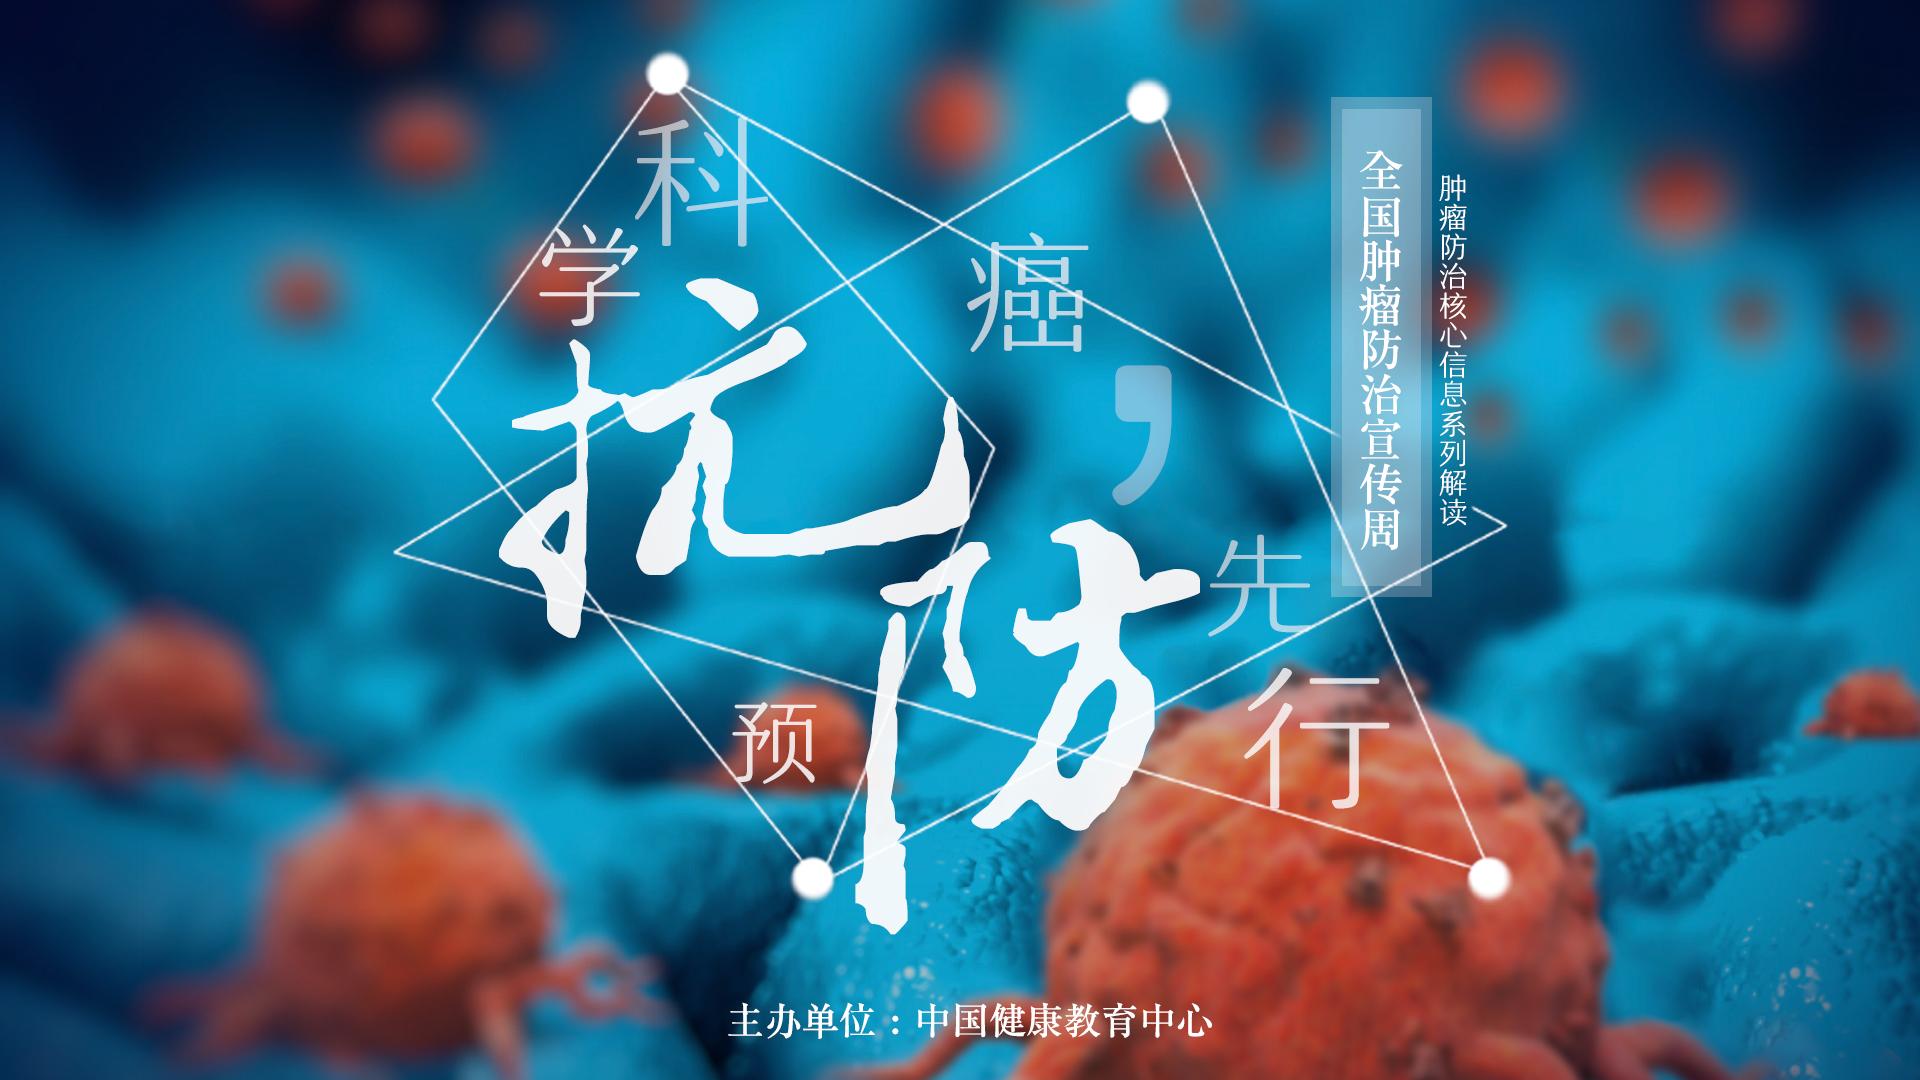 全国肿瘤防治宣传周 | 防控23种致癌危险因素,中国减少45.2%的癌症死亡